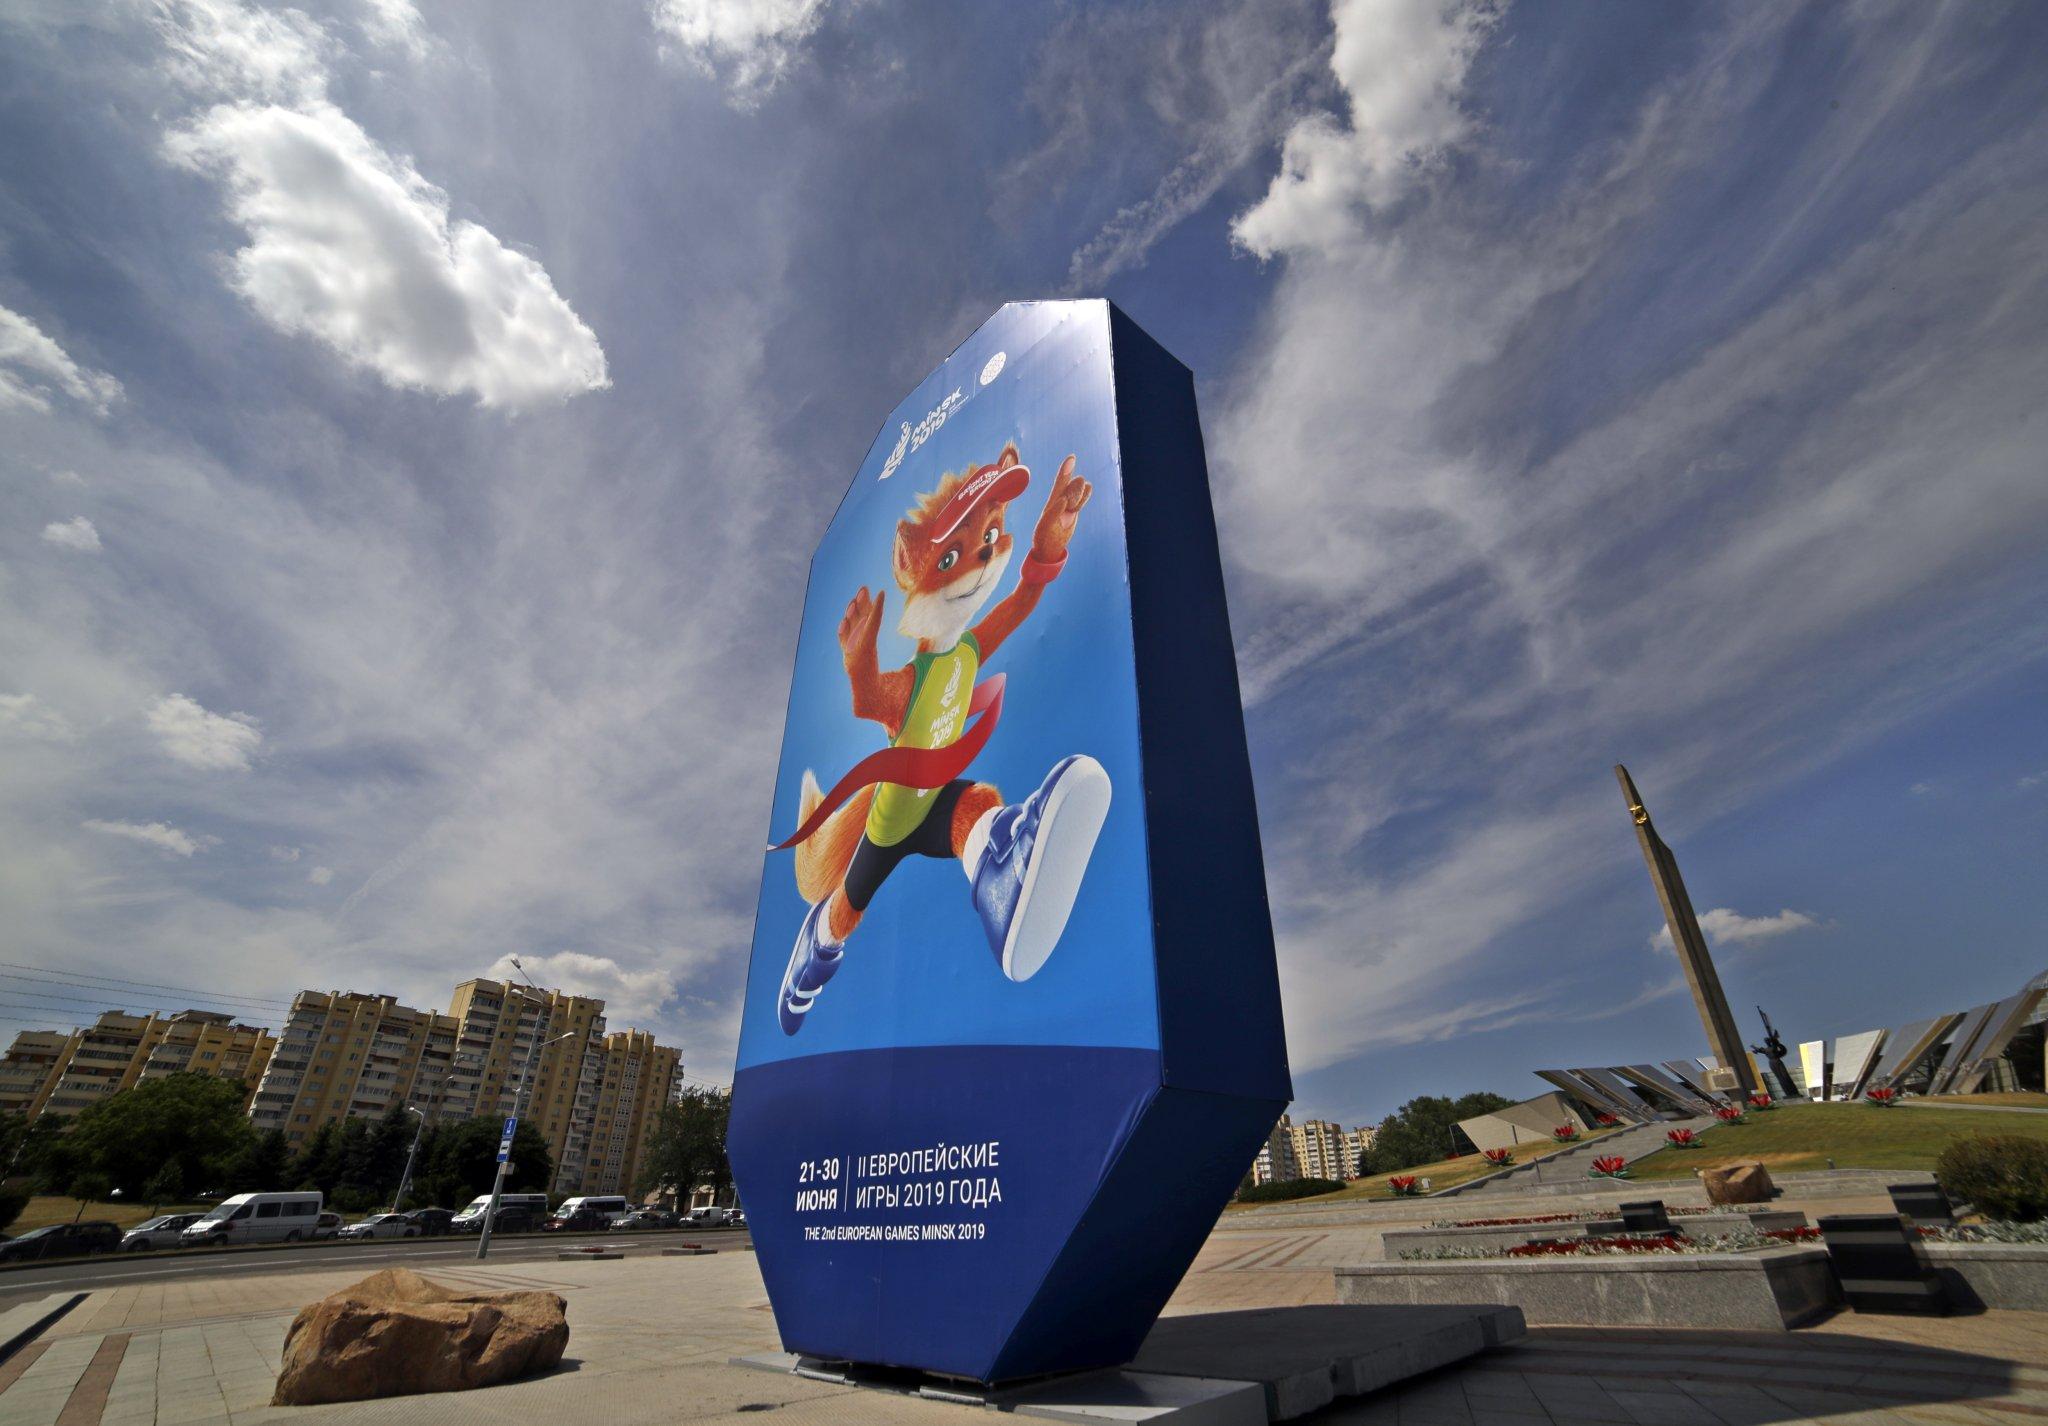 La seconda edizione degli European Games in esclusiva su Sky Sport Minsk